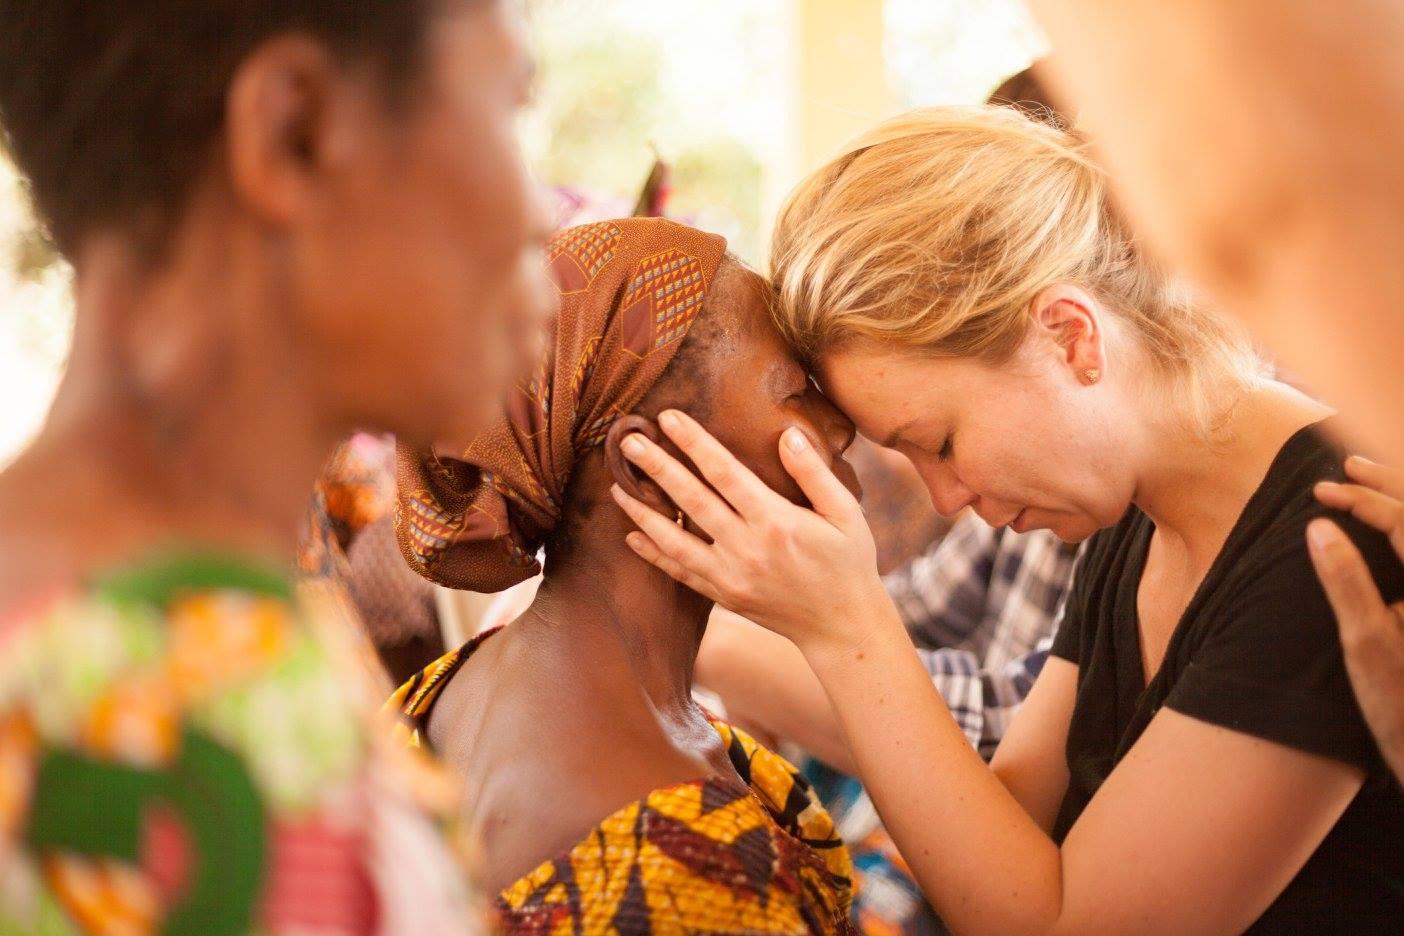 Naomi praying